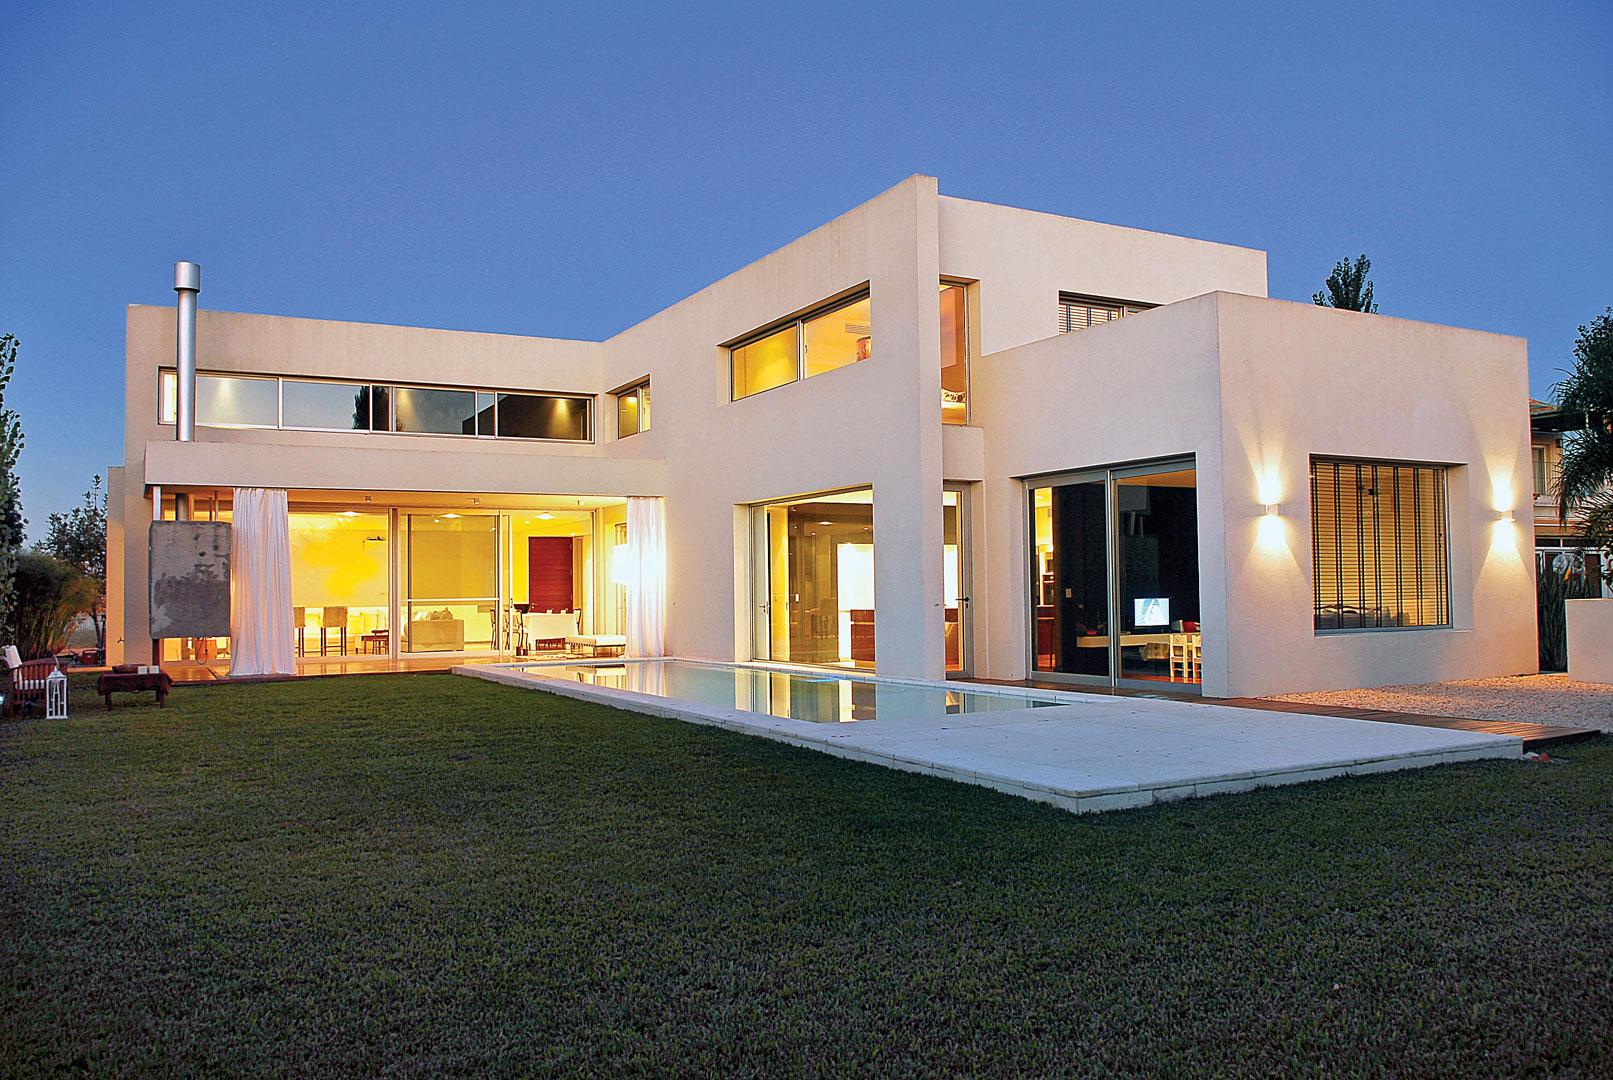 Id estudio de arquitectura casa estilo actual - Estudios de arquitectura en cordoba ...